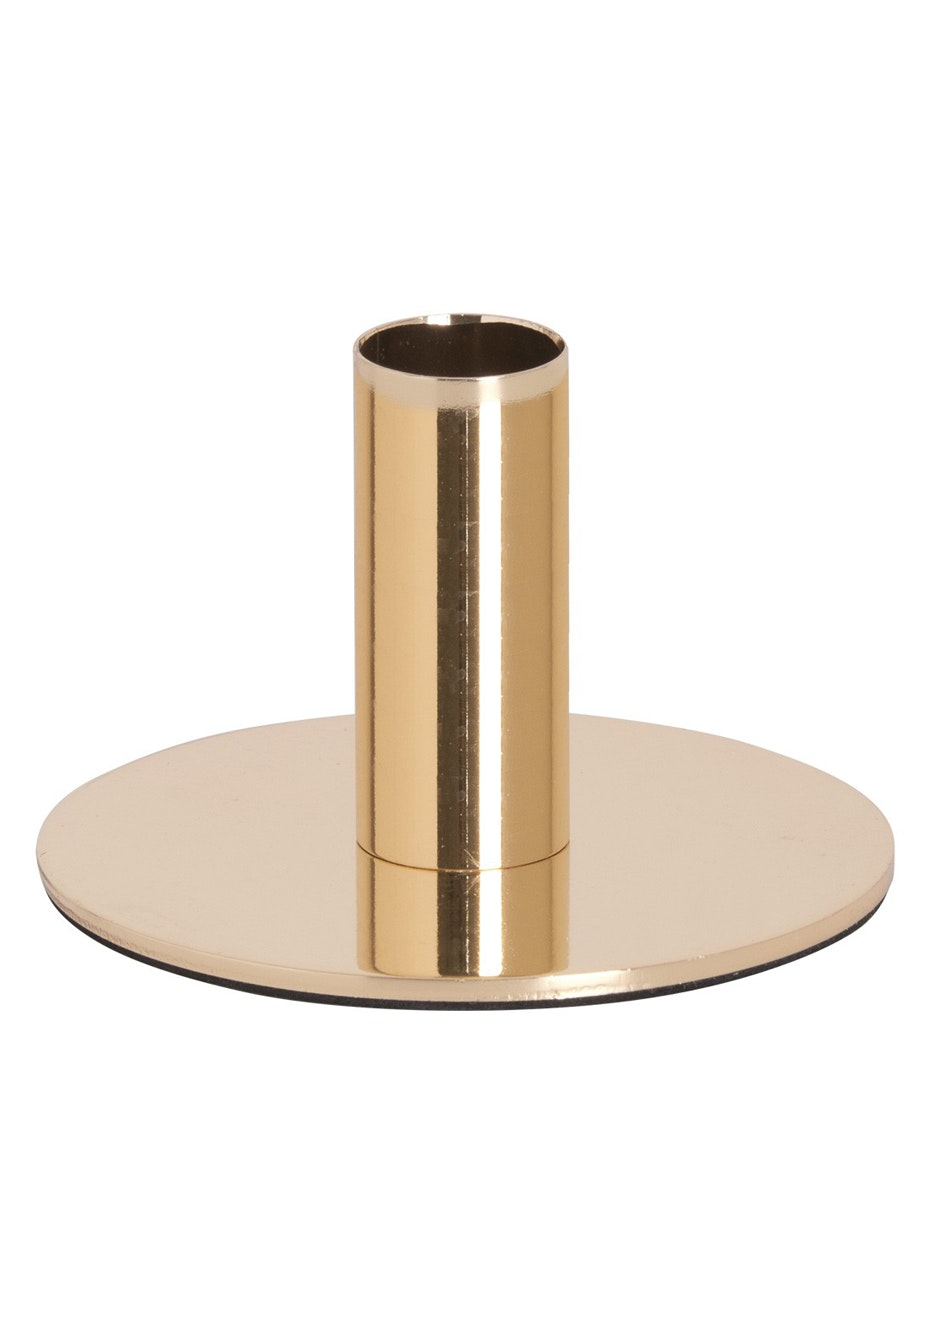 Jason - Pillar candle holder - Gold